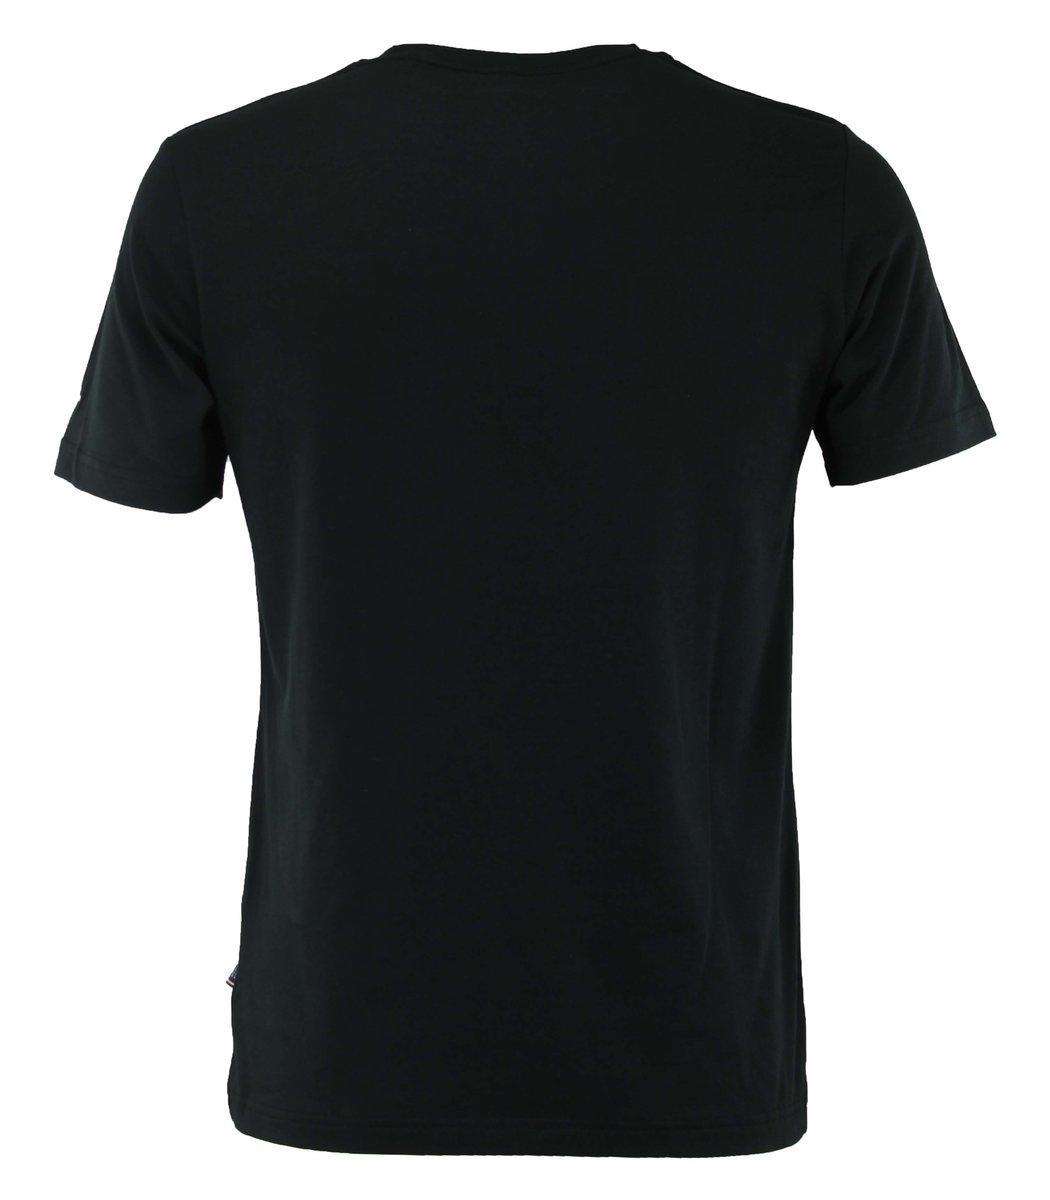 Чёрная футболка Tommy Hilfiger с принтом FT1